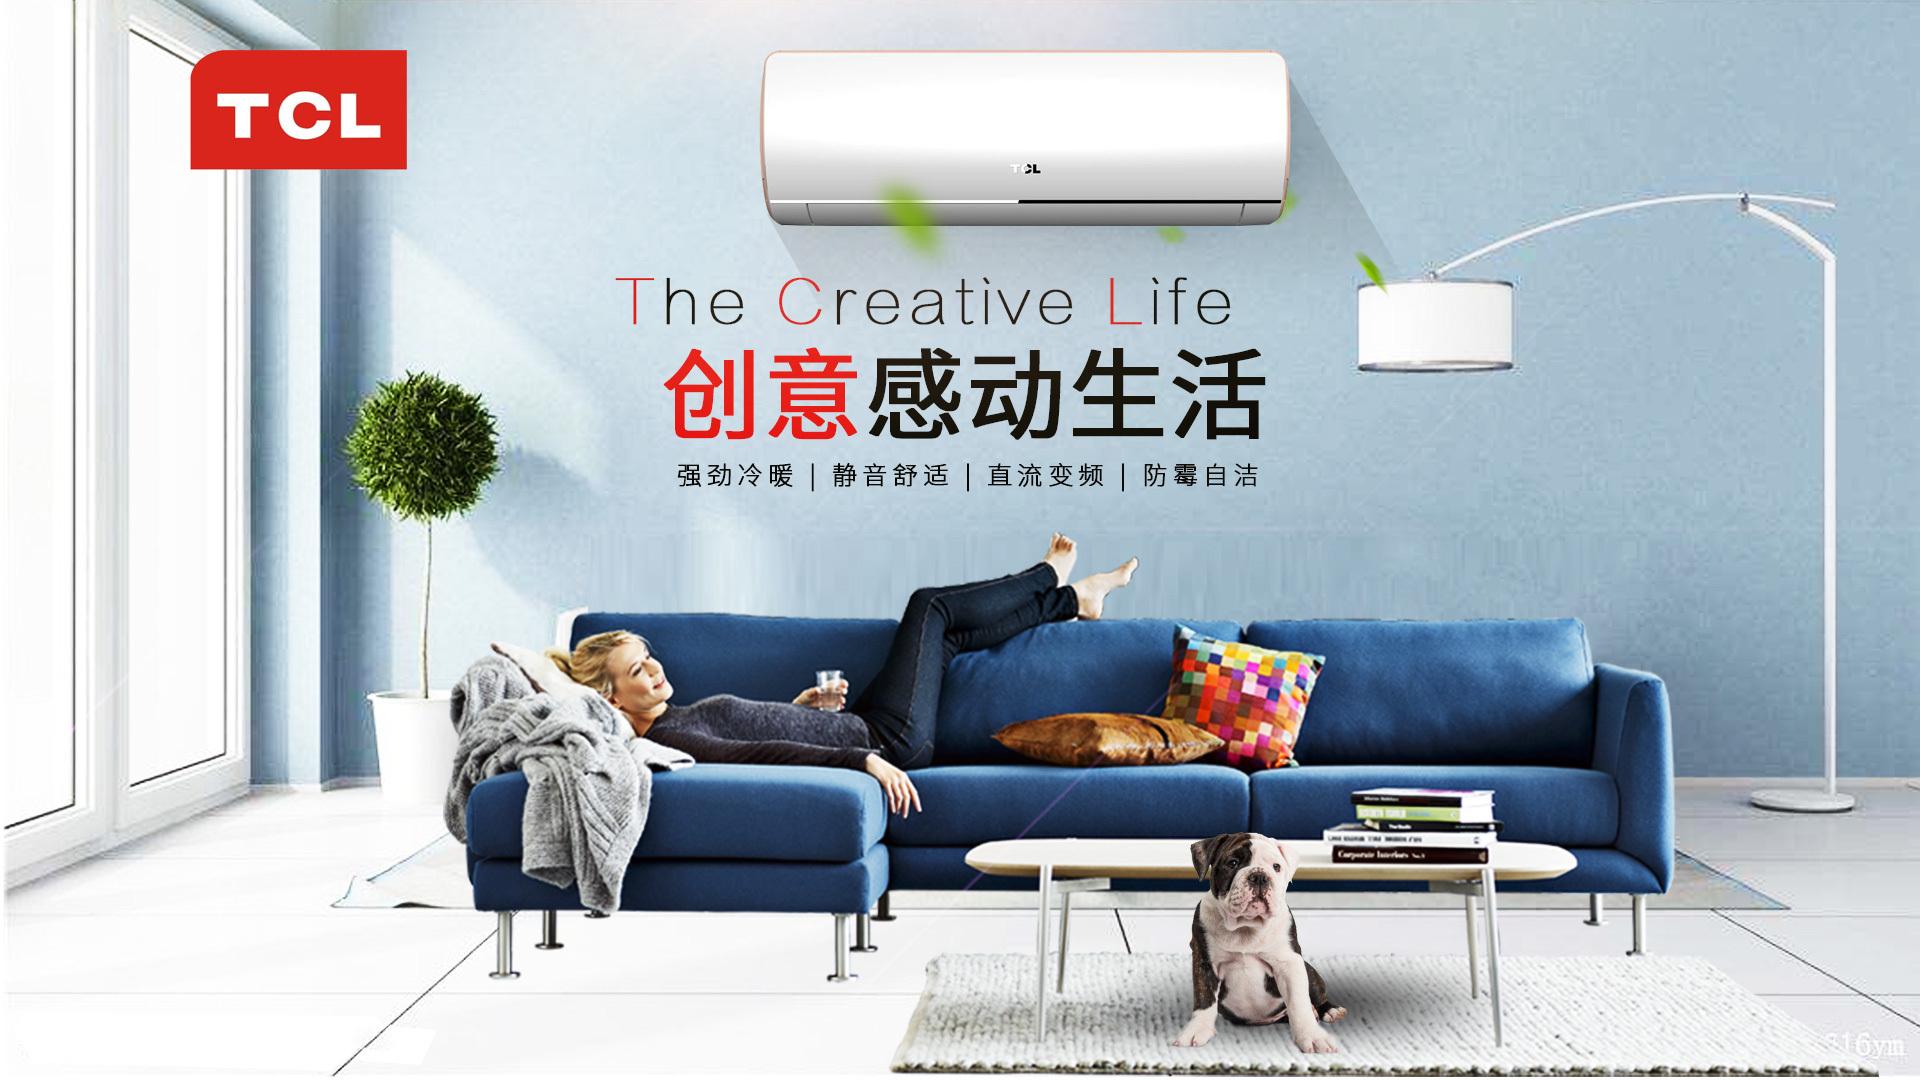 哹�9�%9�.�i)�aj_空调海报|平面|海报|咮吖浗 - 原创作品 - 站酷